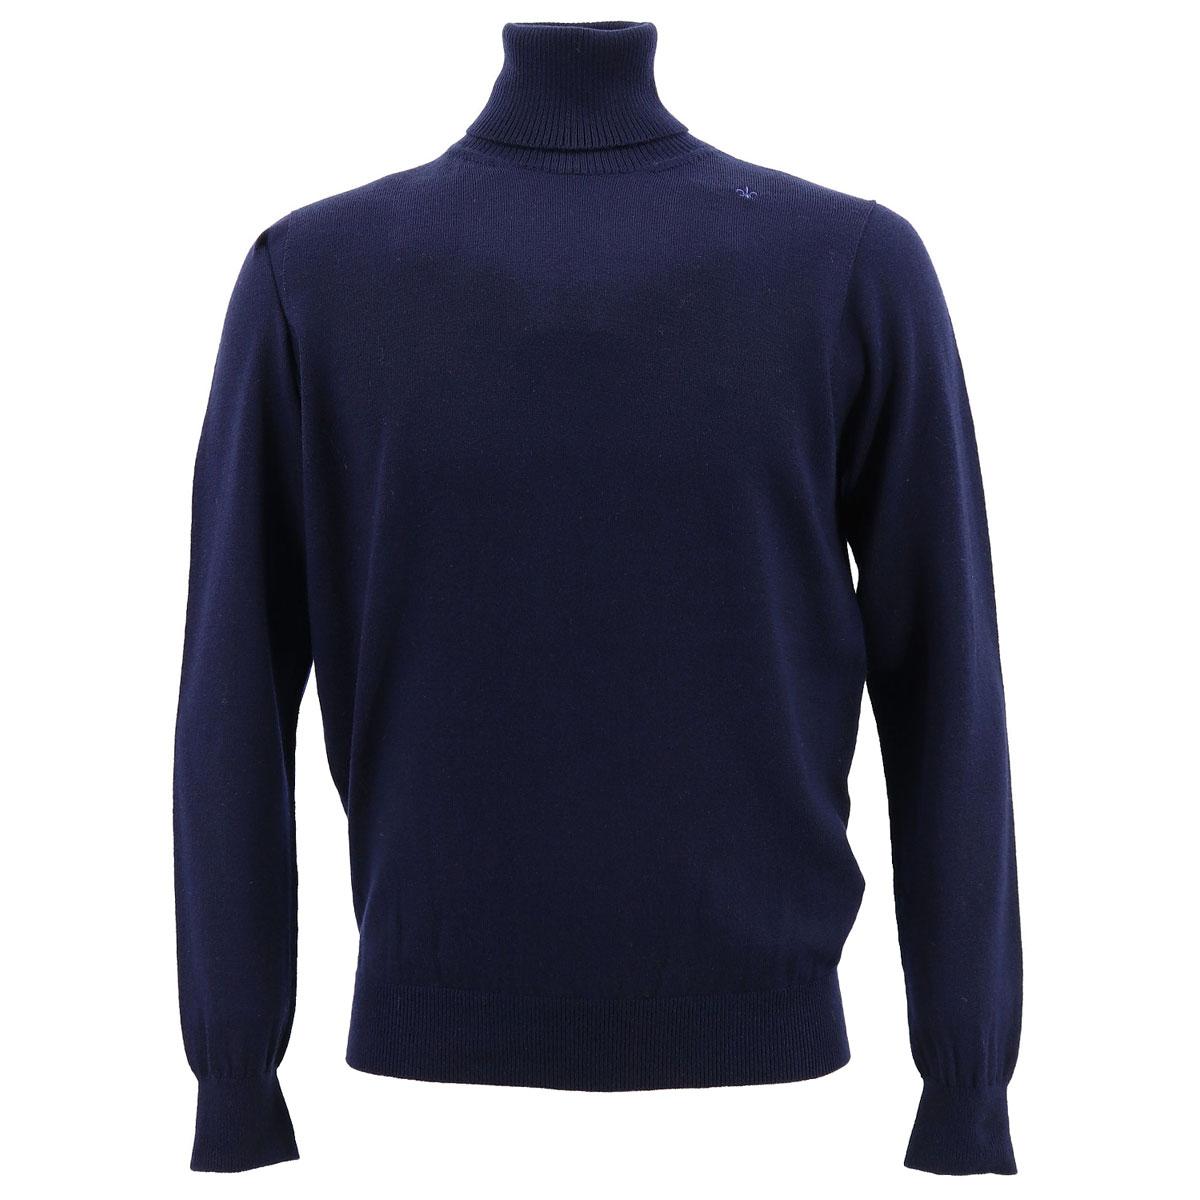 ウール 12G タートルネックセーター SL190001 NAVY(ネイビー)